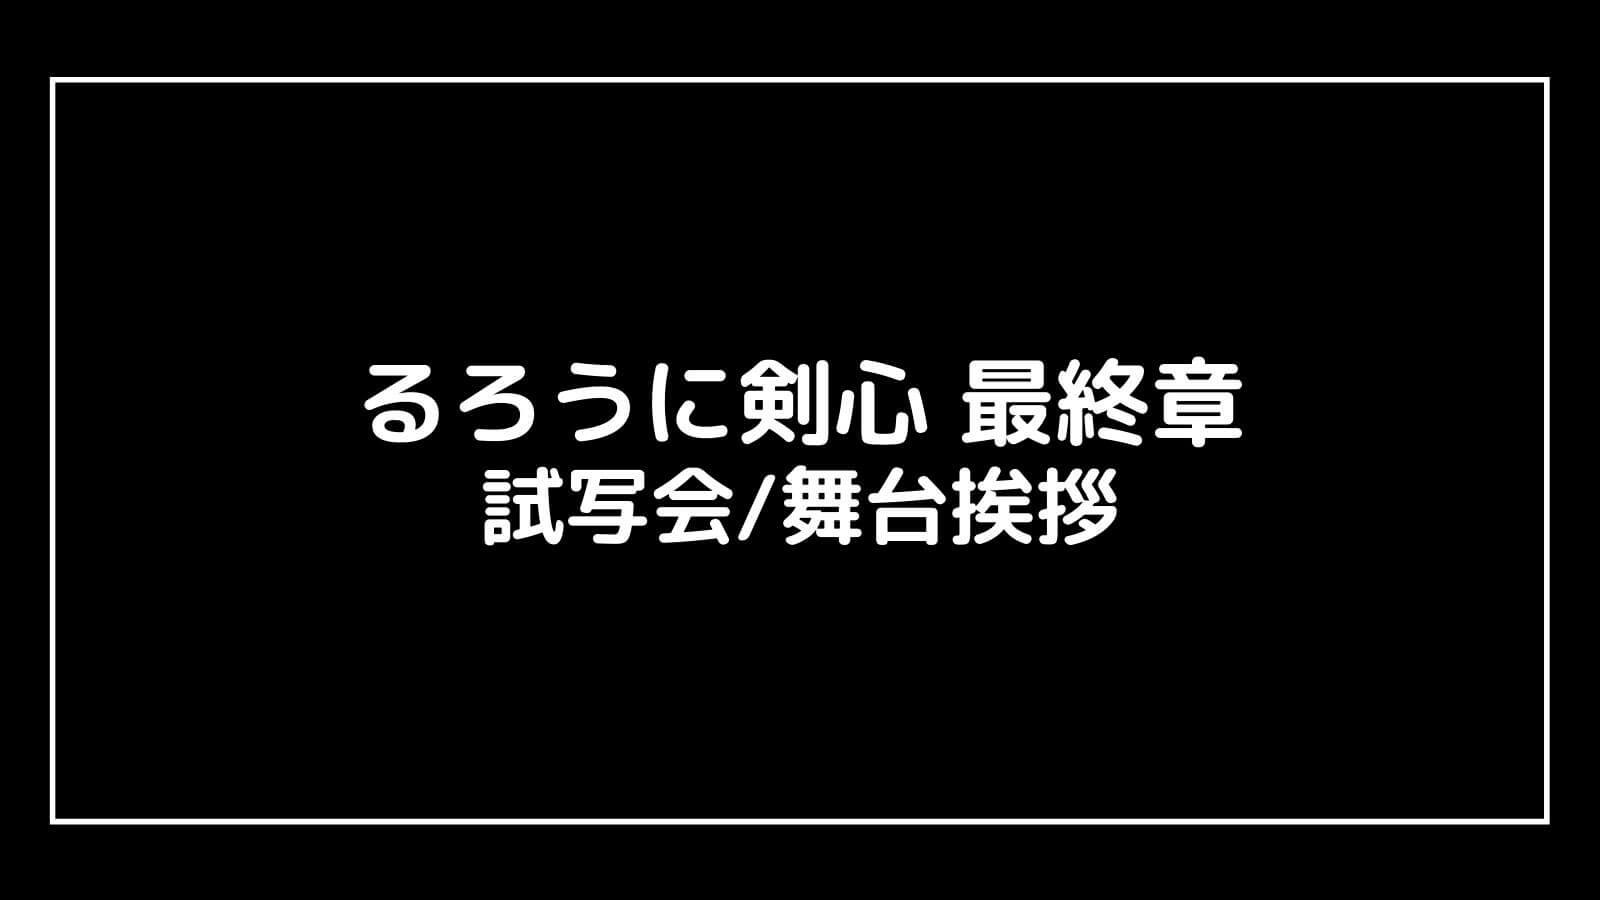 映画『るろうに剣心 最終章 The Beginning』の試写会と舞台挨拶ライブビューイング情報